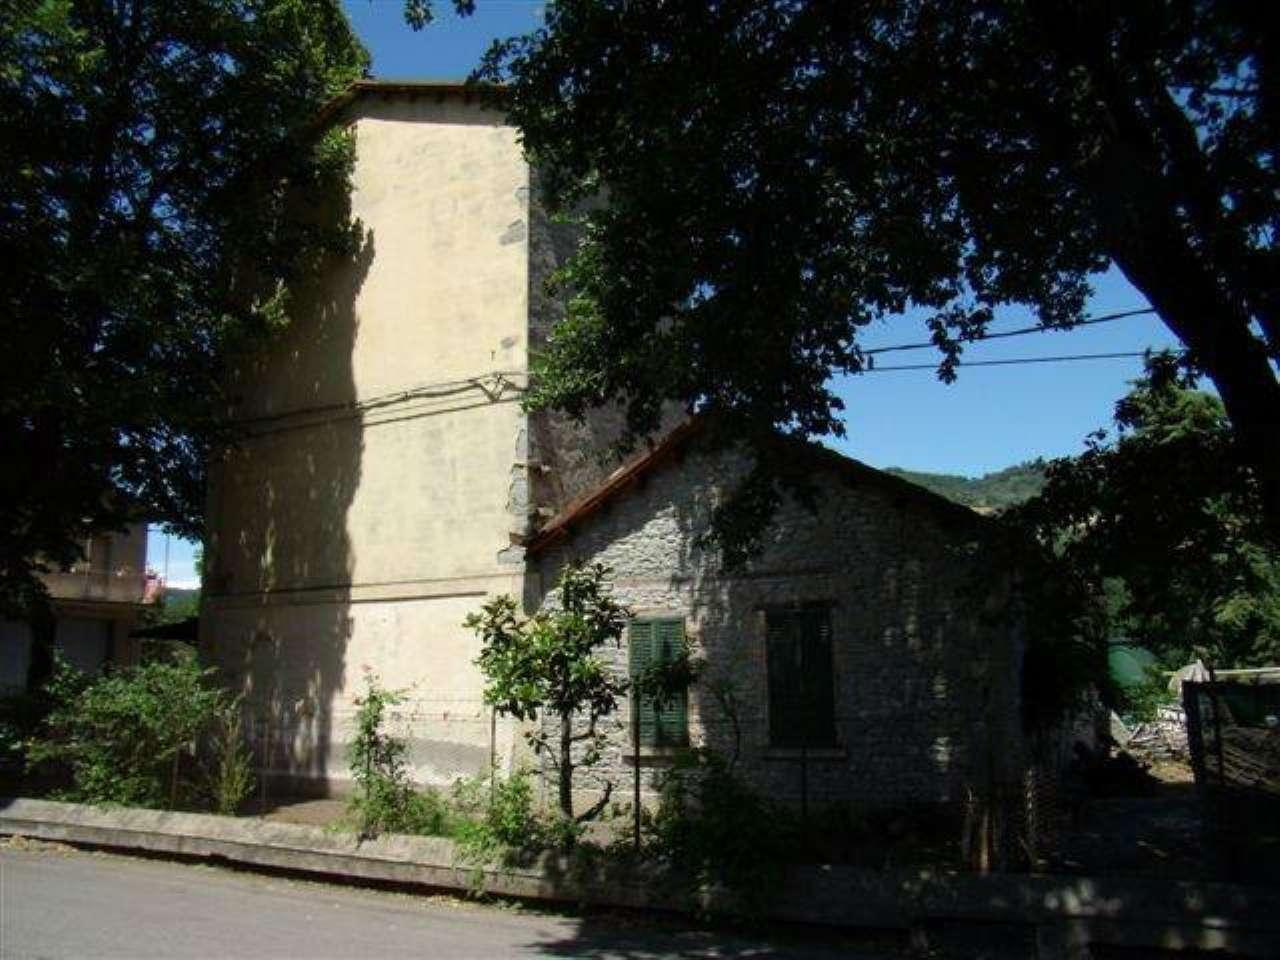 Negozio / Locale in vendita a Civitella di Romagna, 9999 locali, prezzo € 250.000 | CambioCasa.it